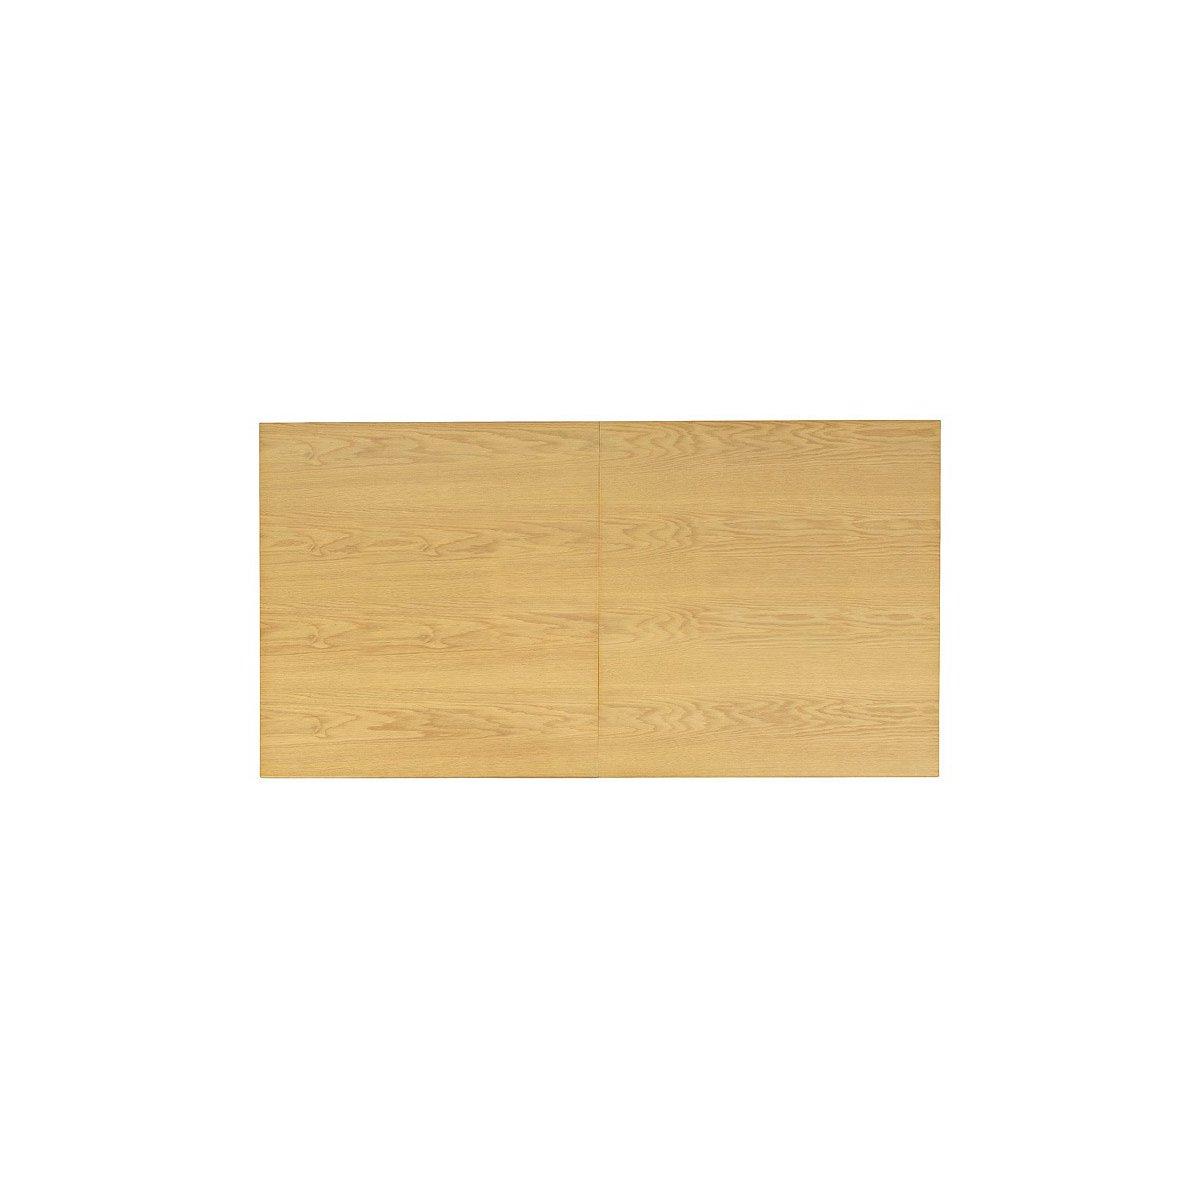 Table billard transformable dessus de table bois anthracite - Dessus de table en bois ...